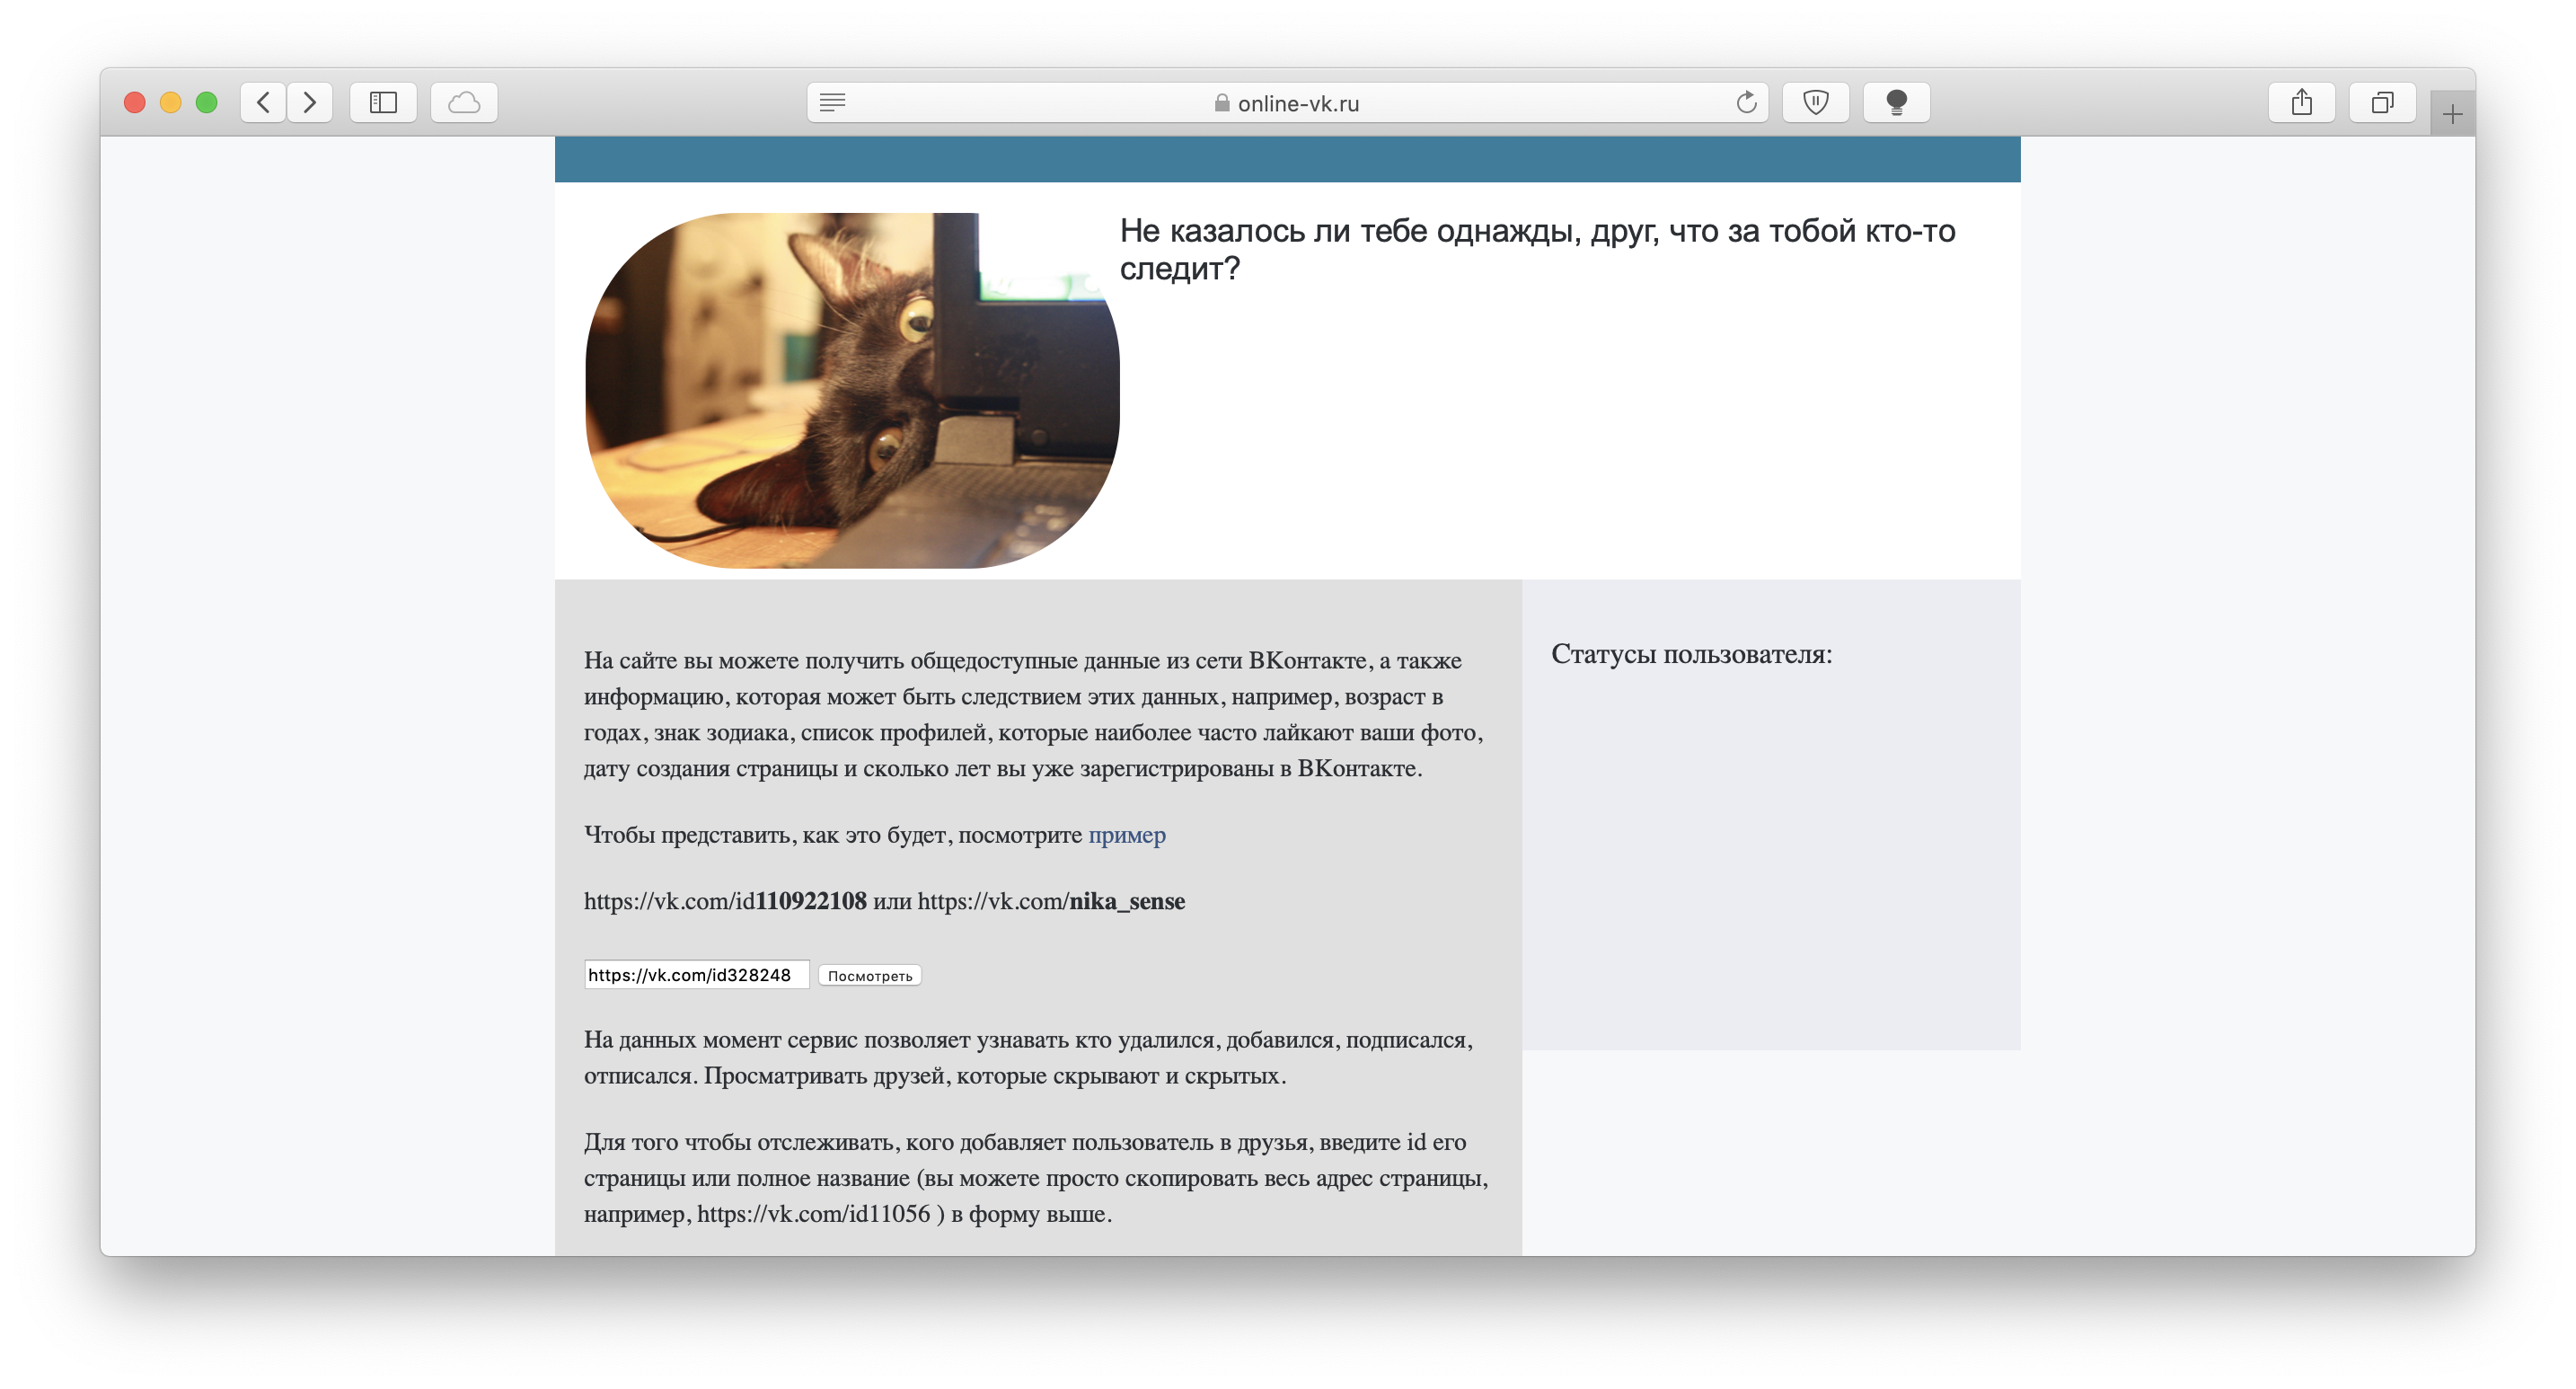 onlive-vk-ru